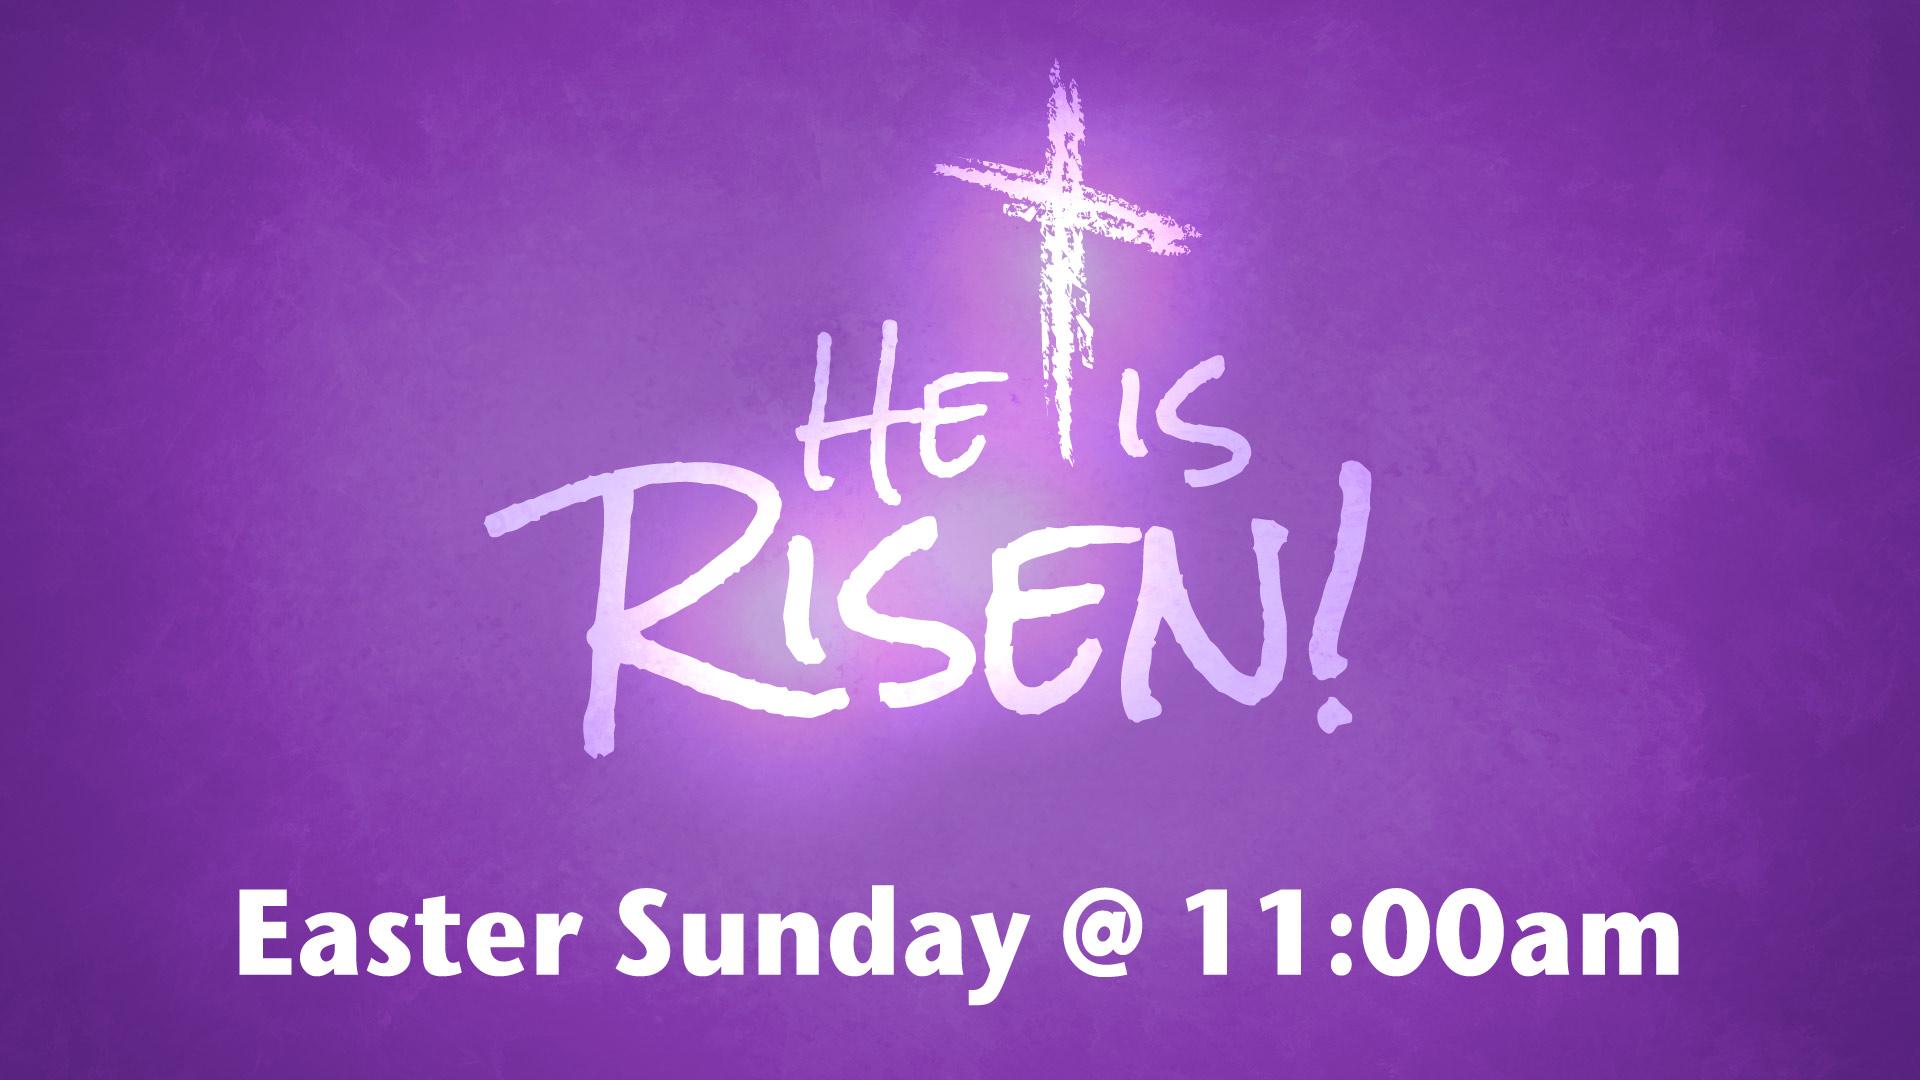 he-is-risen-easter-sunday-2018.jpg